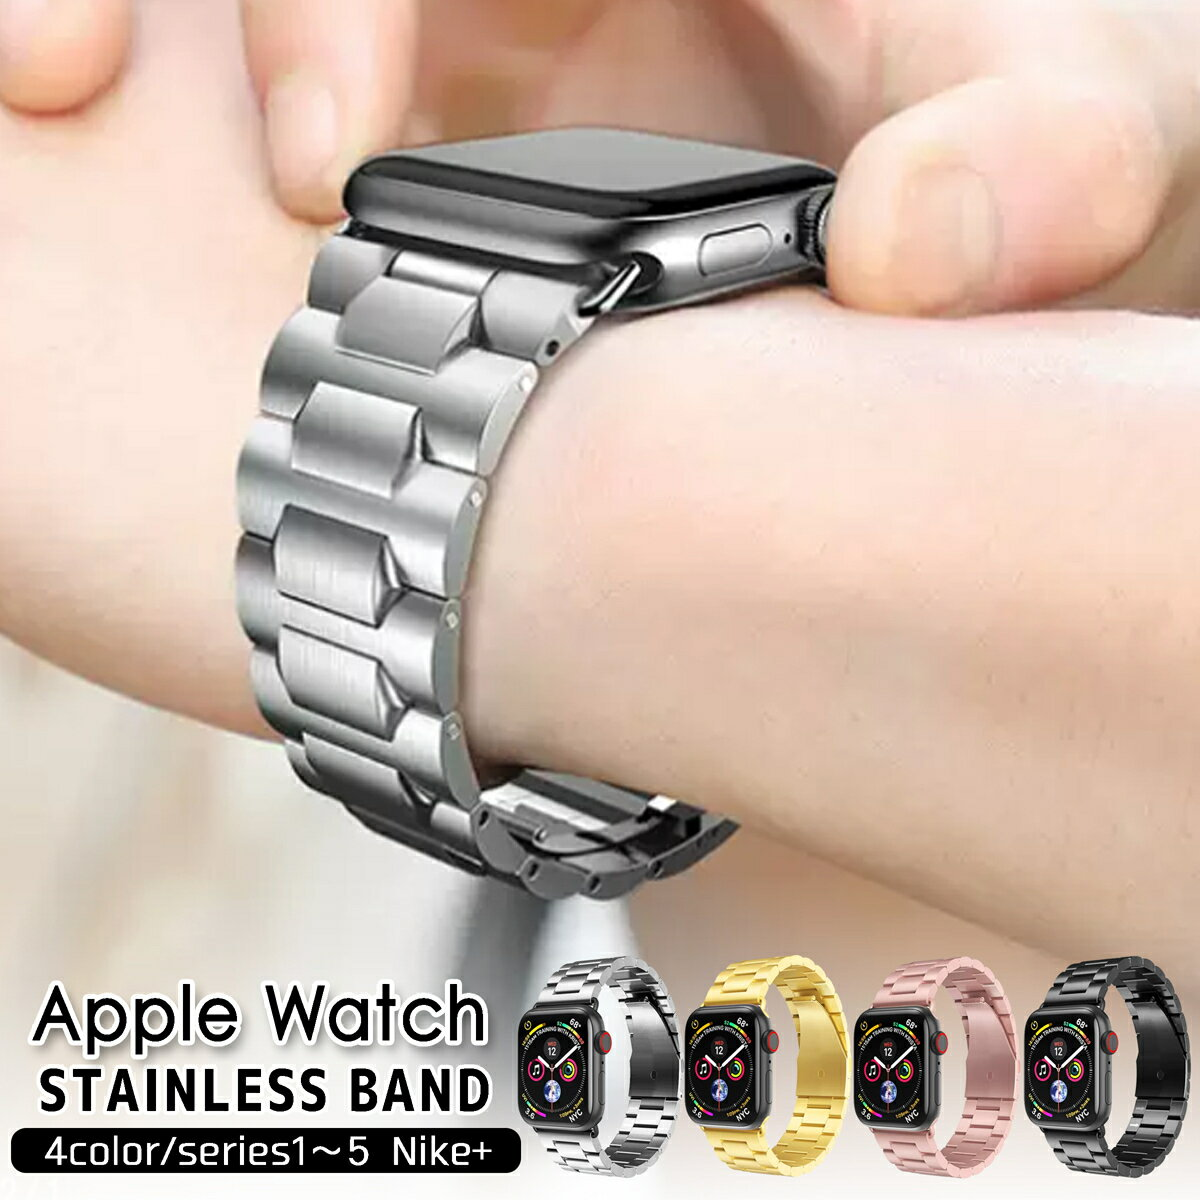 腕時計用アクセサリー, 腕時計用ベルト・バンド  Apple Watch 38mm 42mm 40mm 44mm Series1 2 applewatch 3 applewatch4